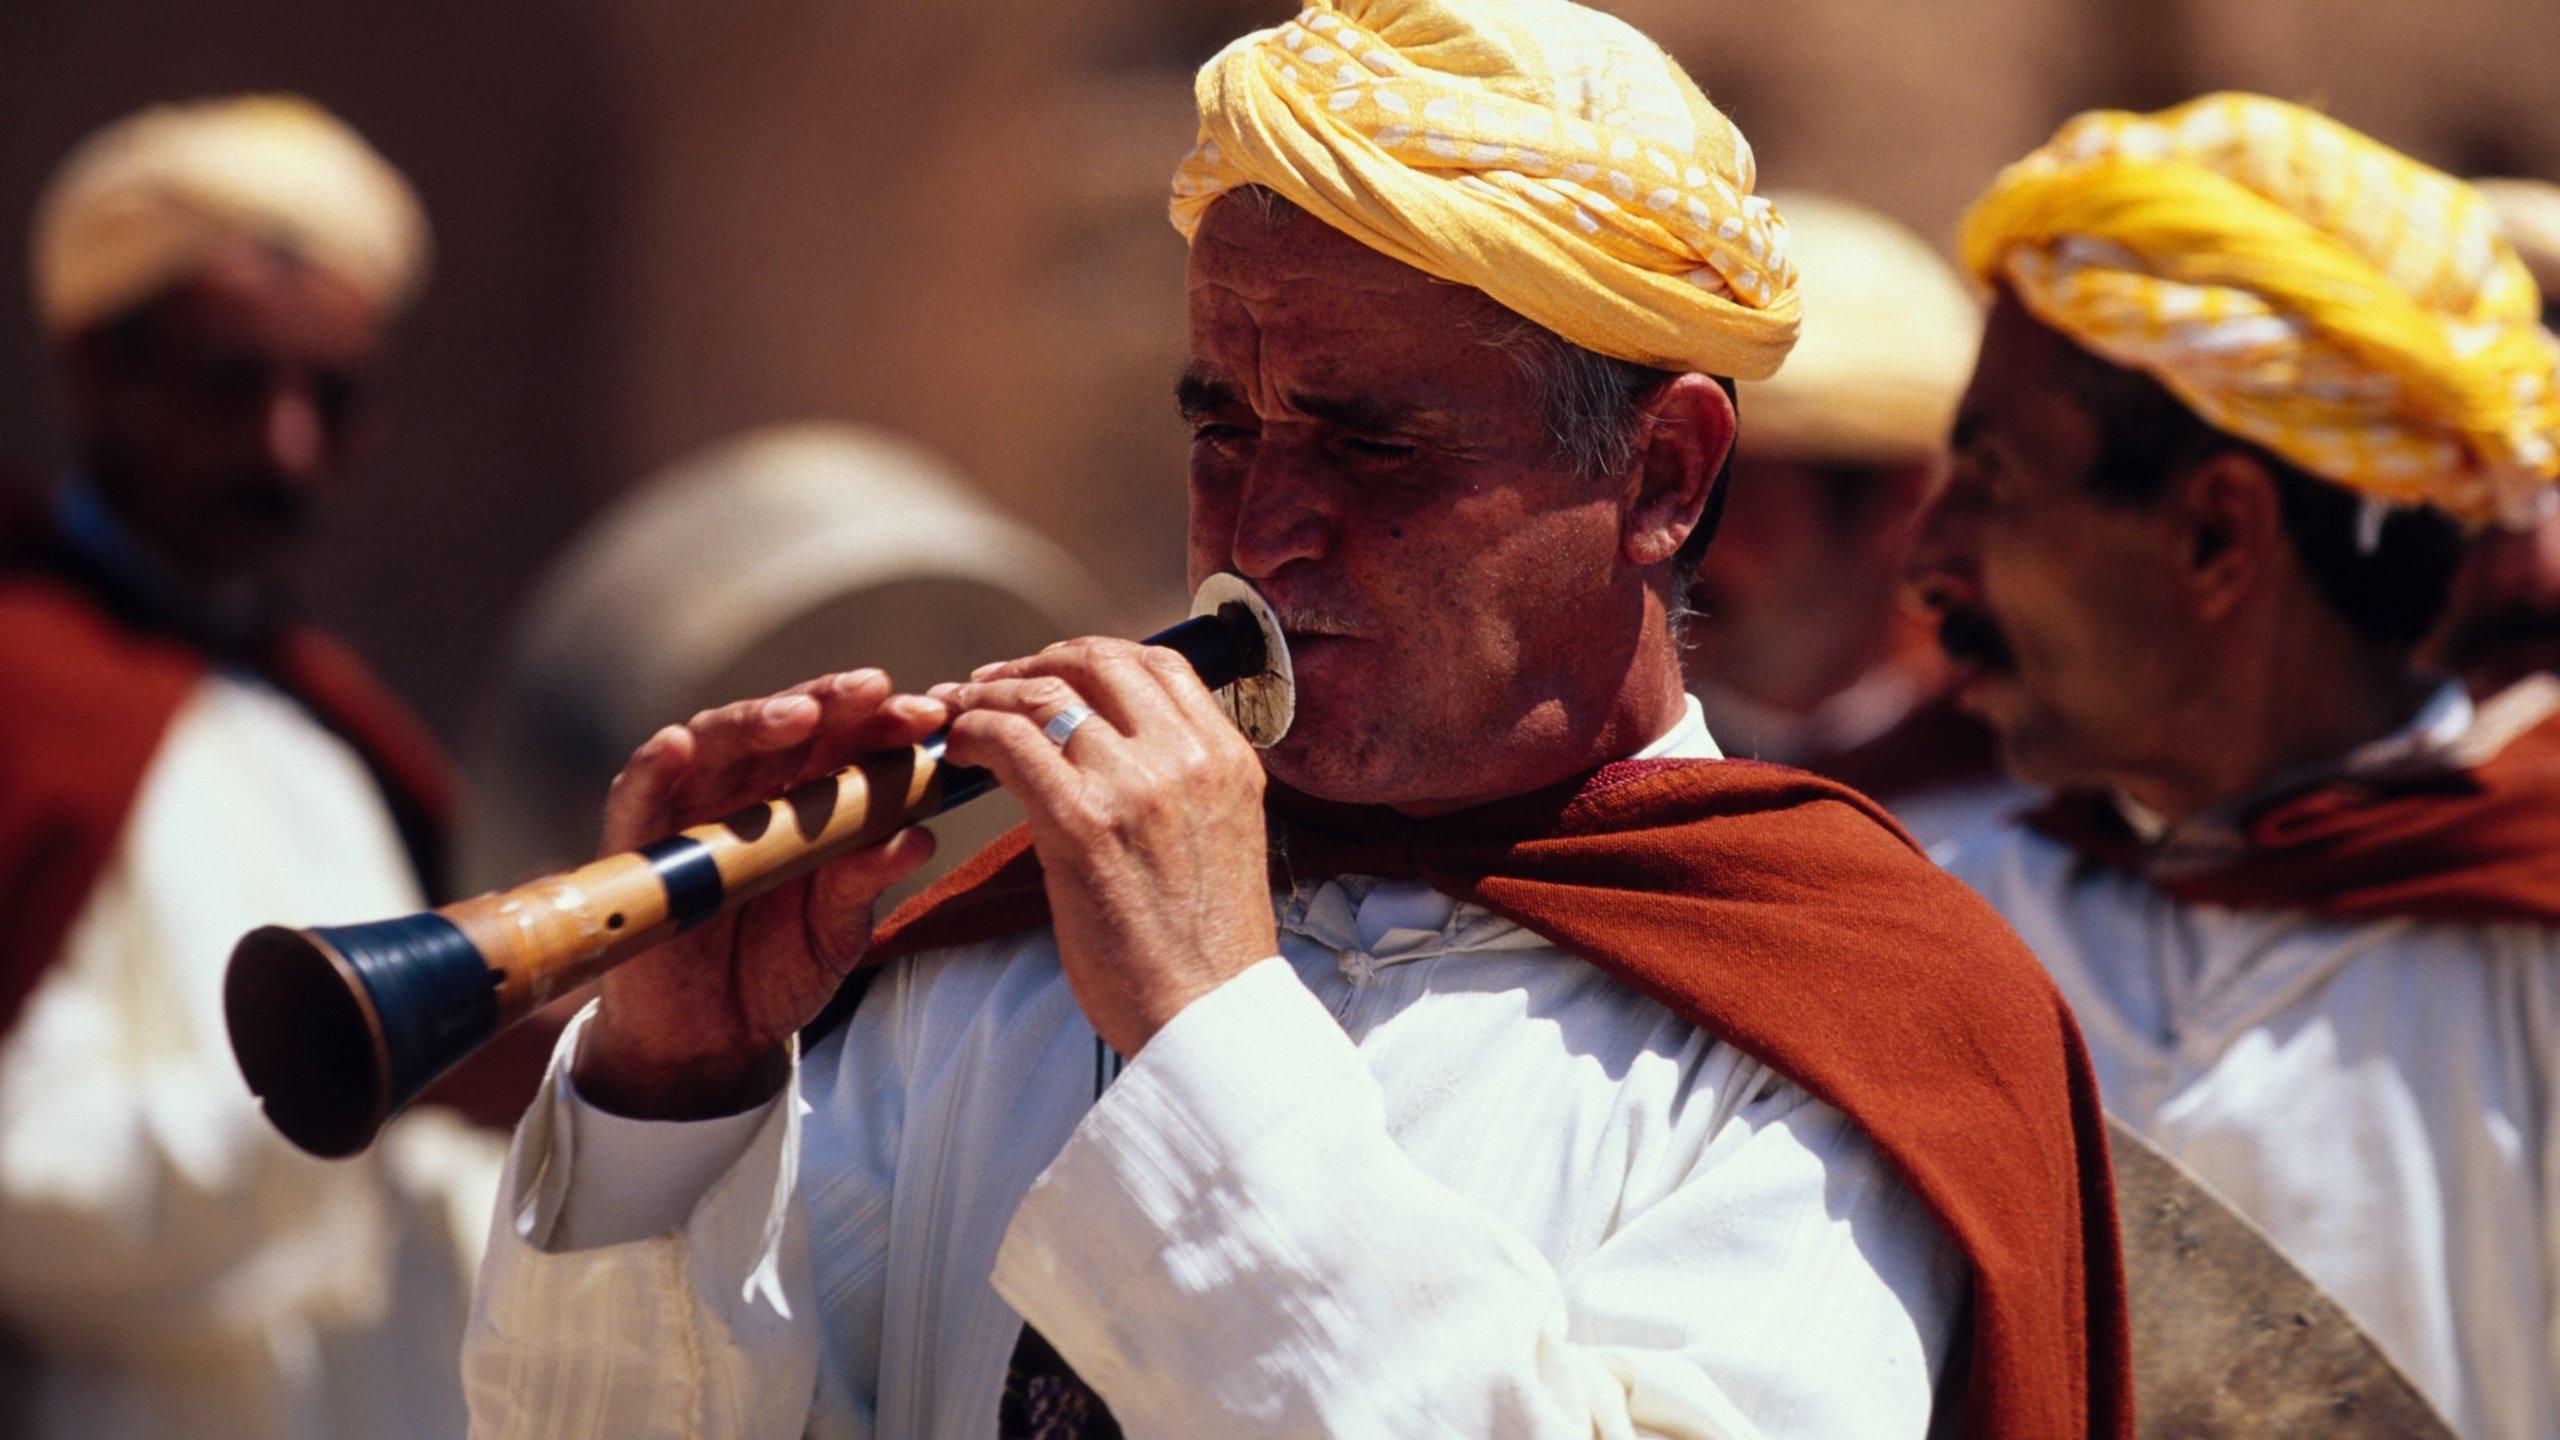 Marrakech ofreciendo arte escénica y también un pequeño grupo de personas